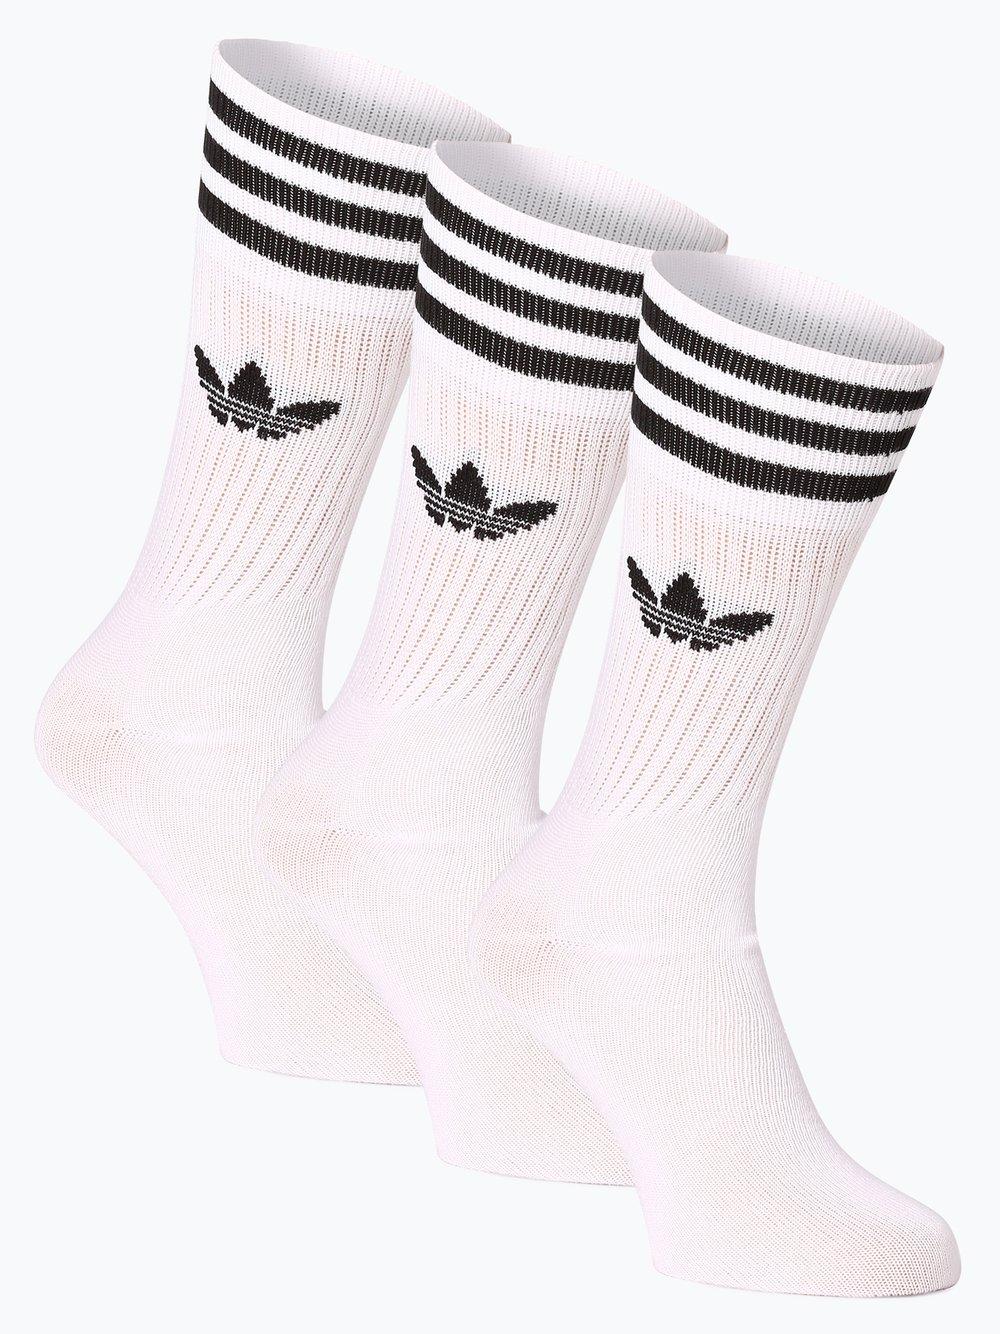 adidas Originals - Skarpety męskie pakowane po 2 szt., biały